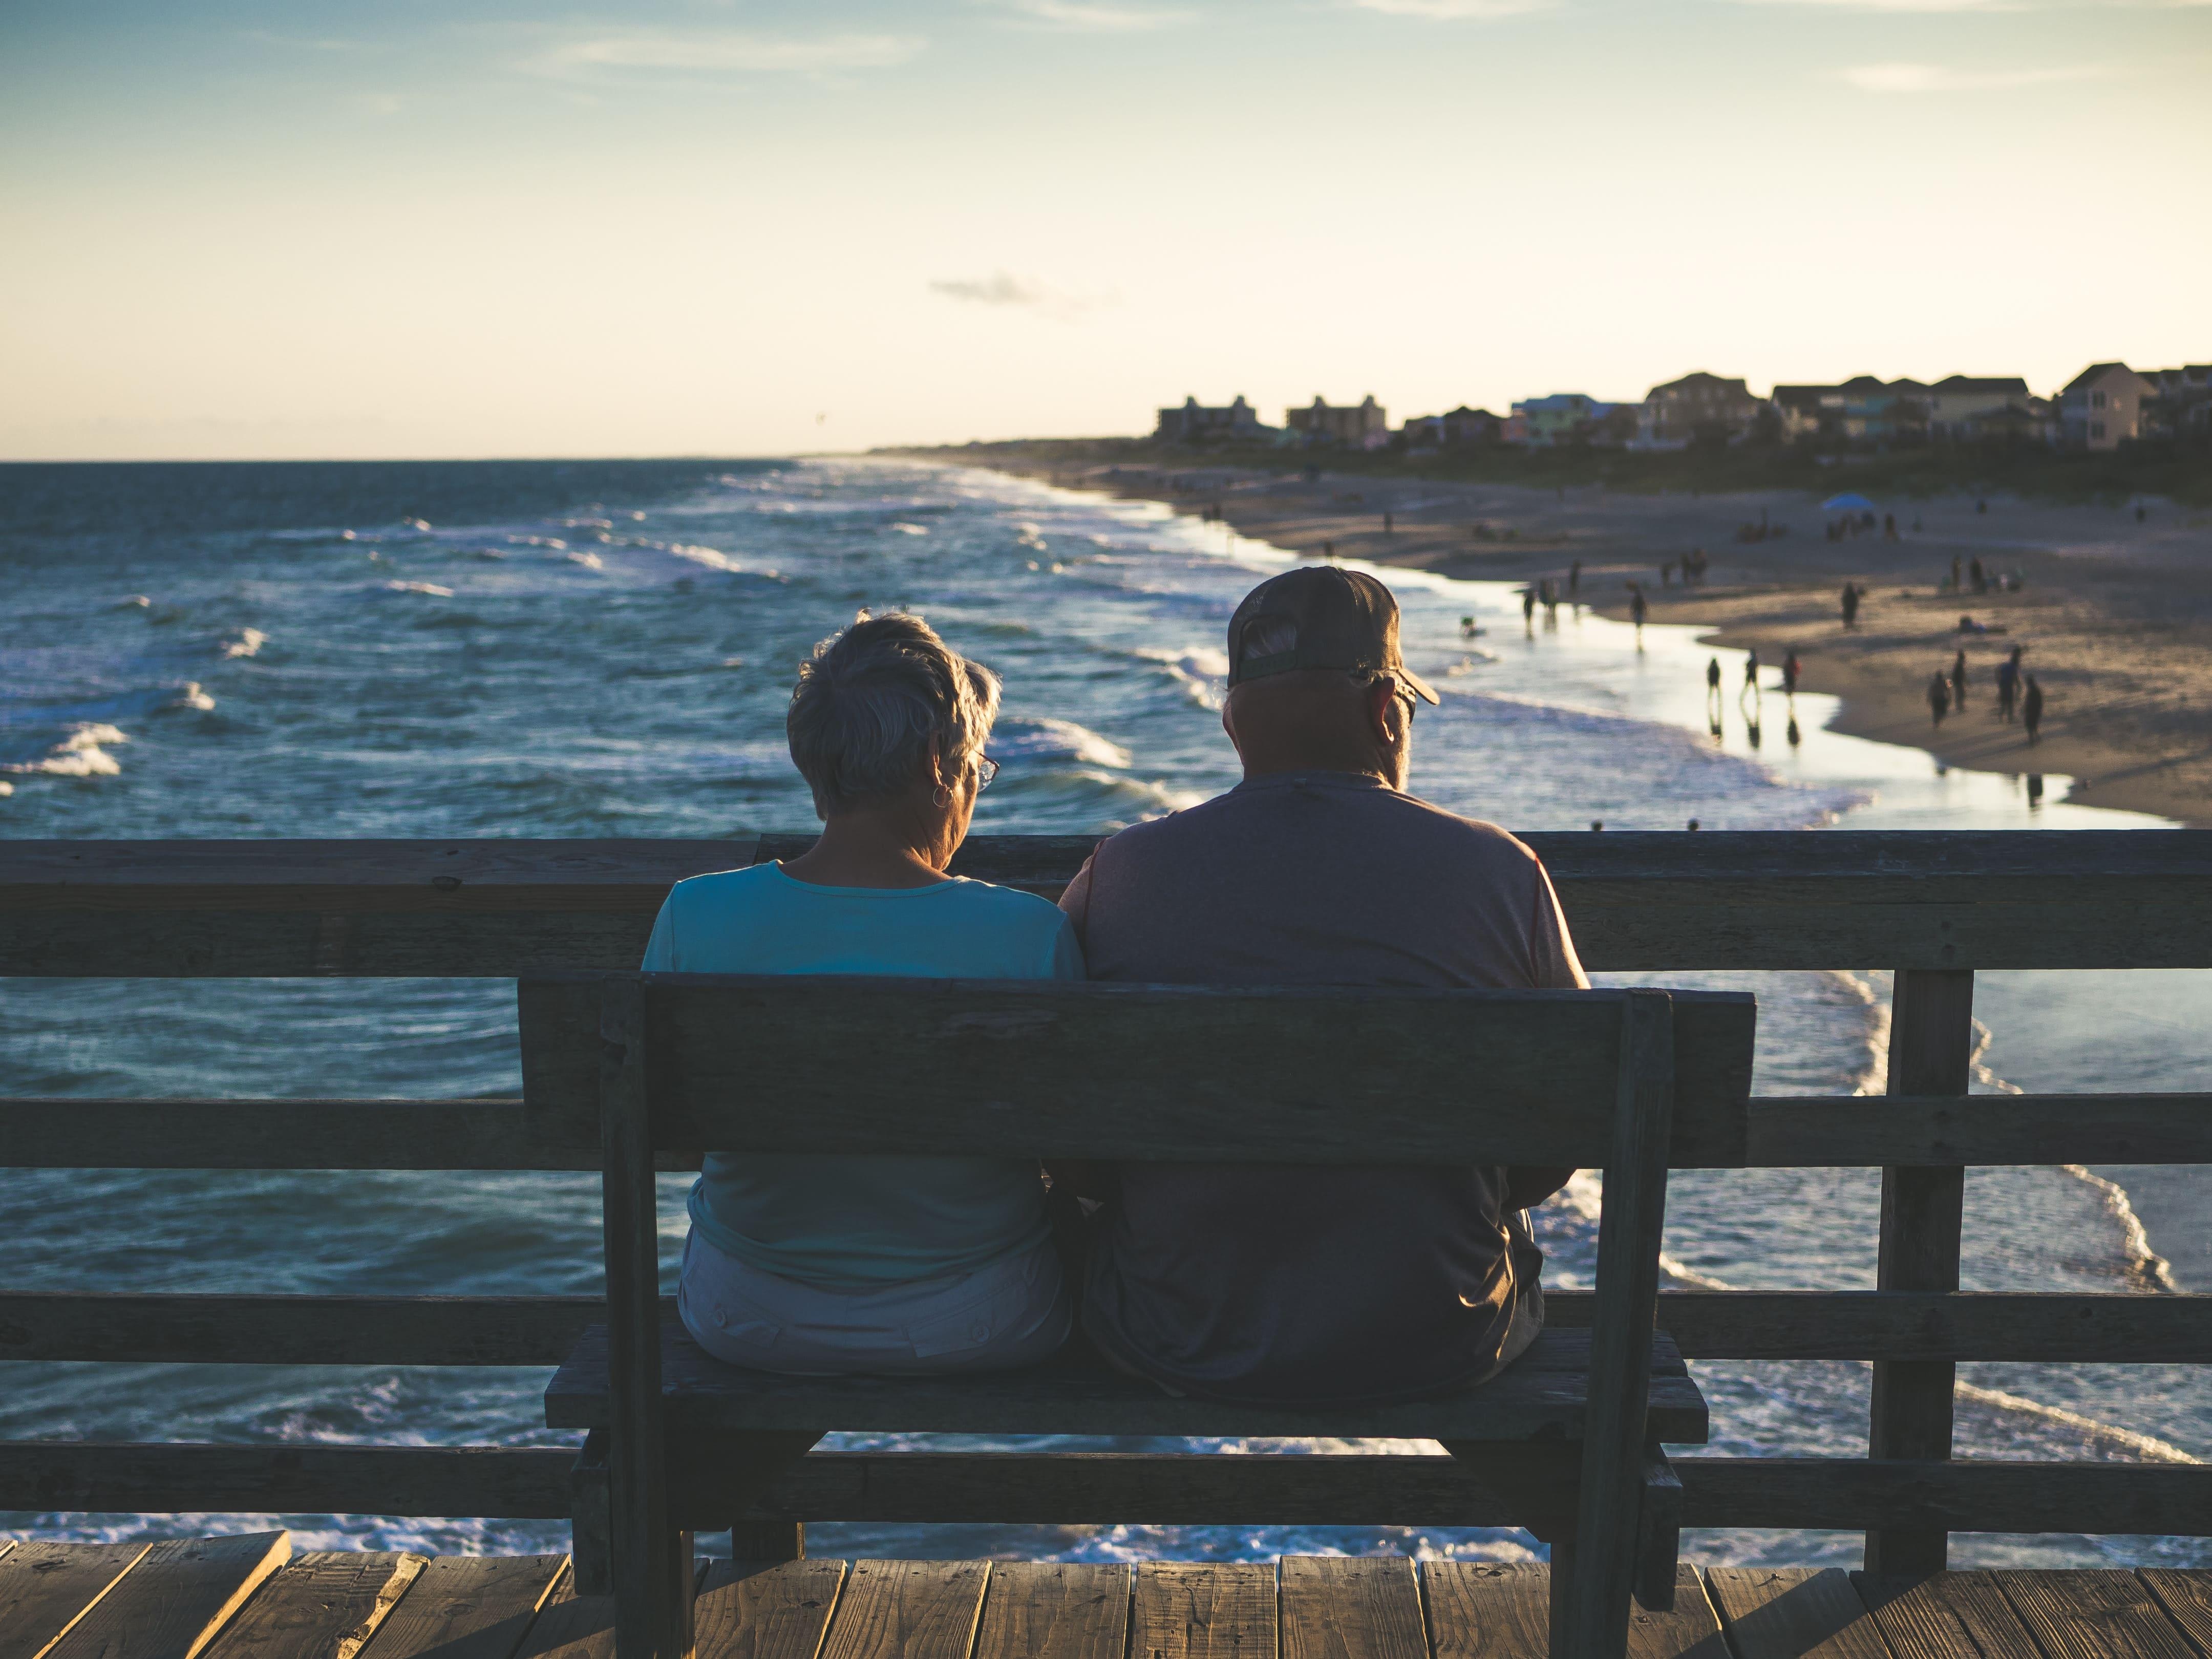 casala de aposentados em viagem internacional